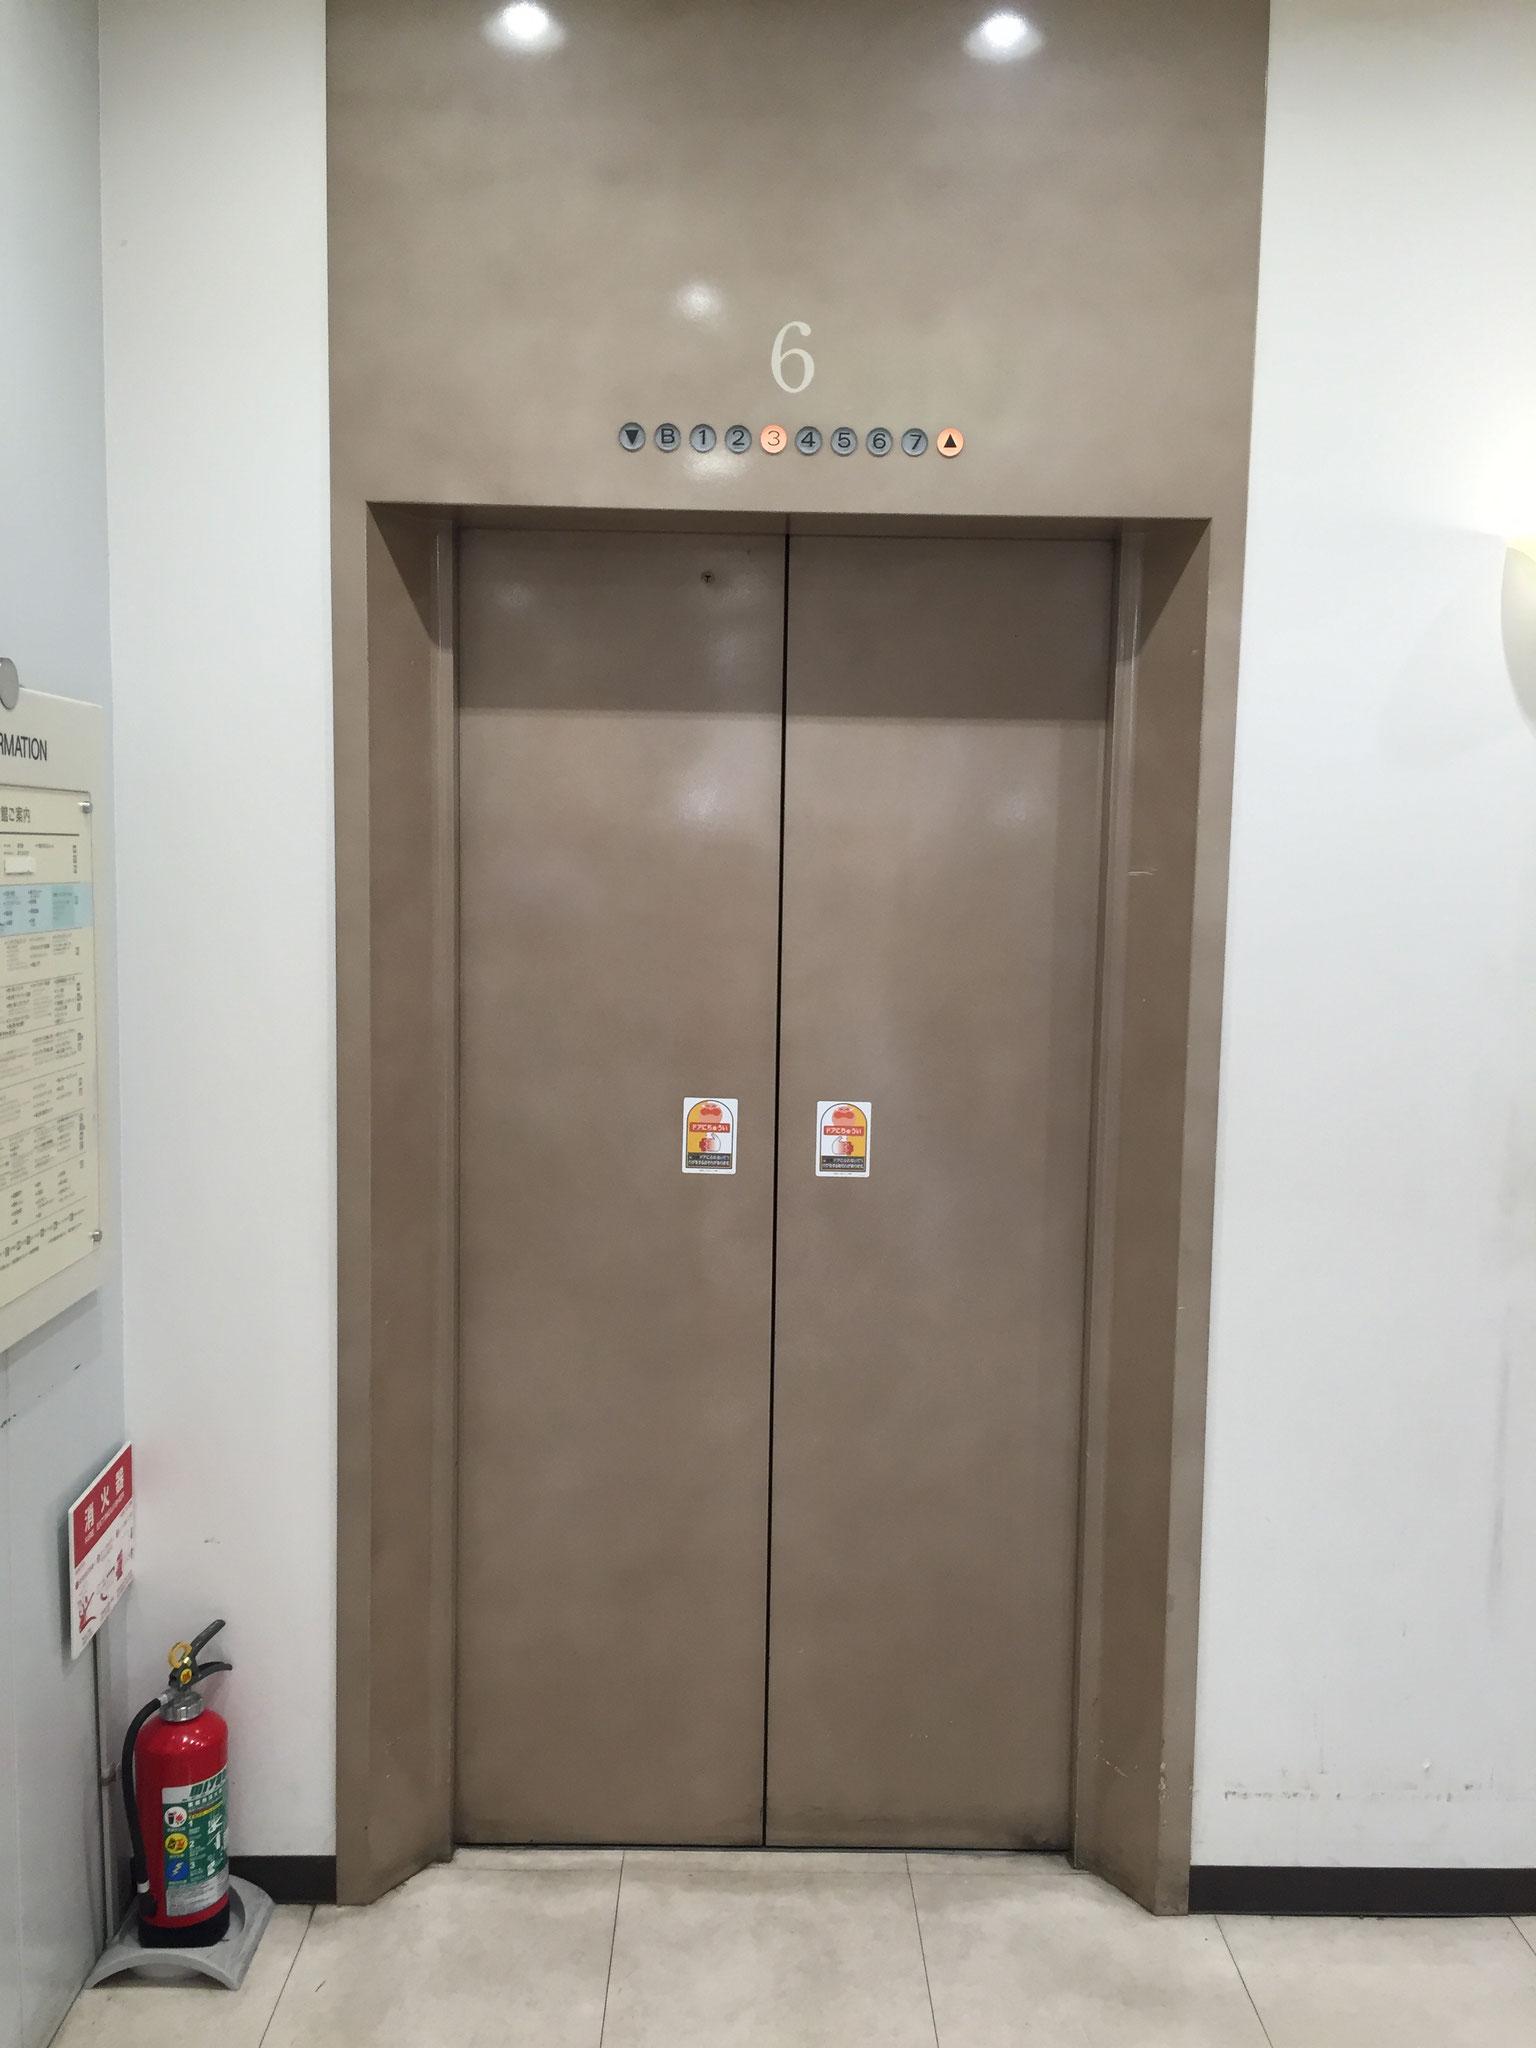 エレベーターで『6階』までお上がりください